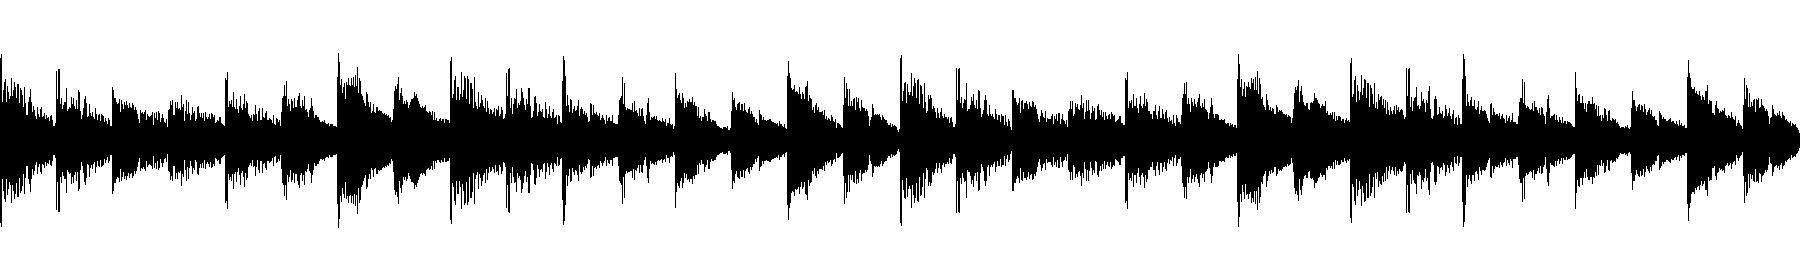 70 a harmonicgtr sp 01